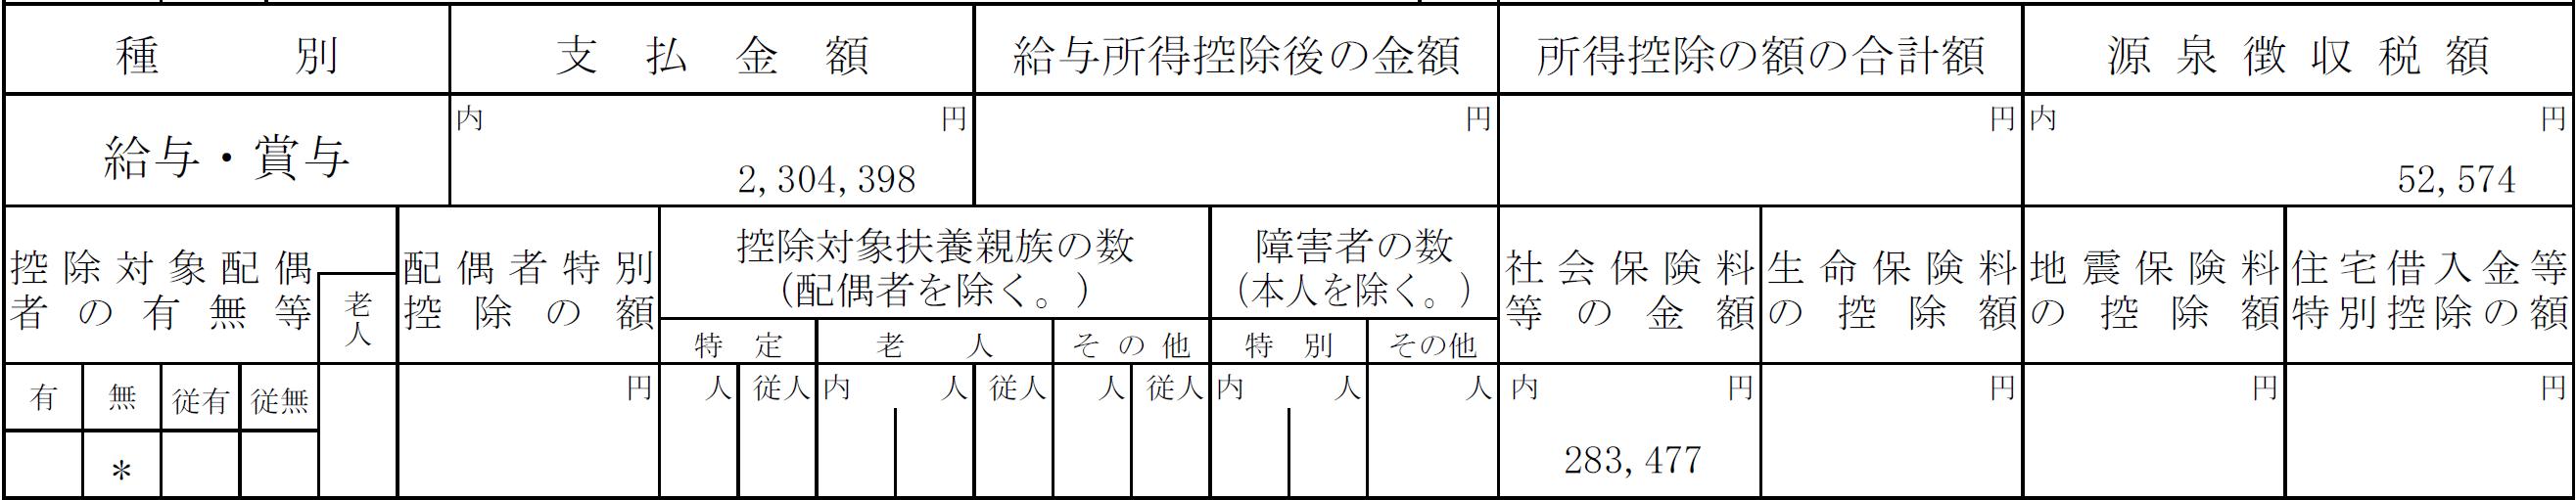 平成24年源泉徴収票(1年目)